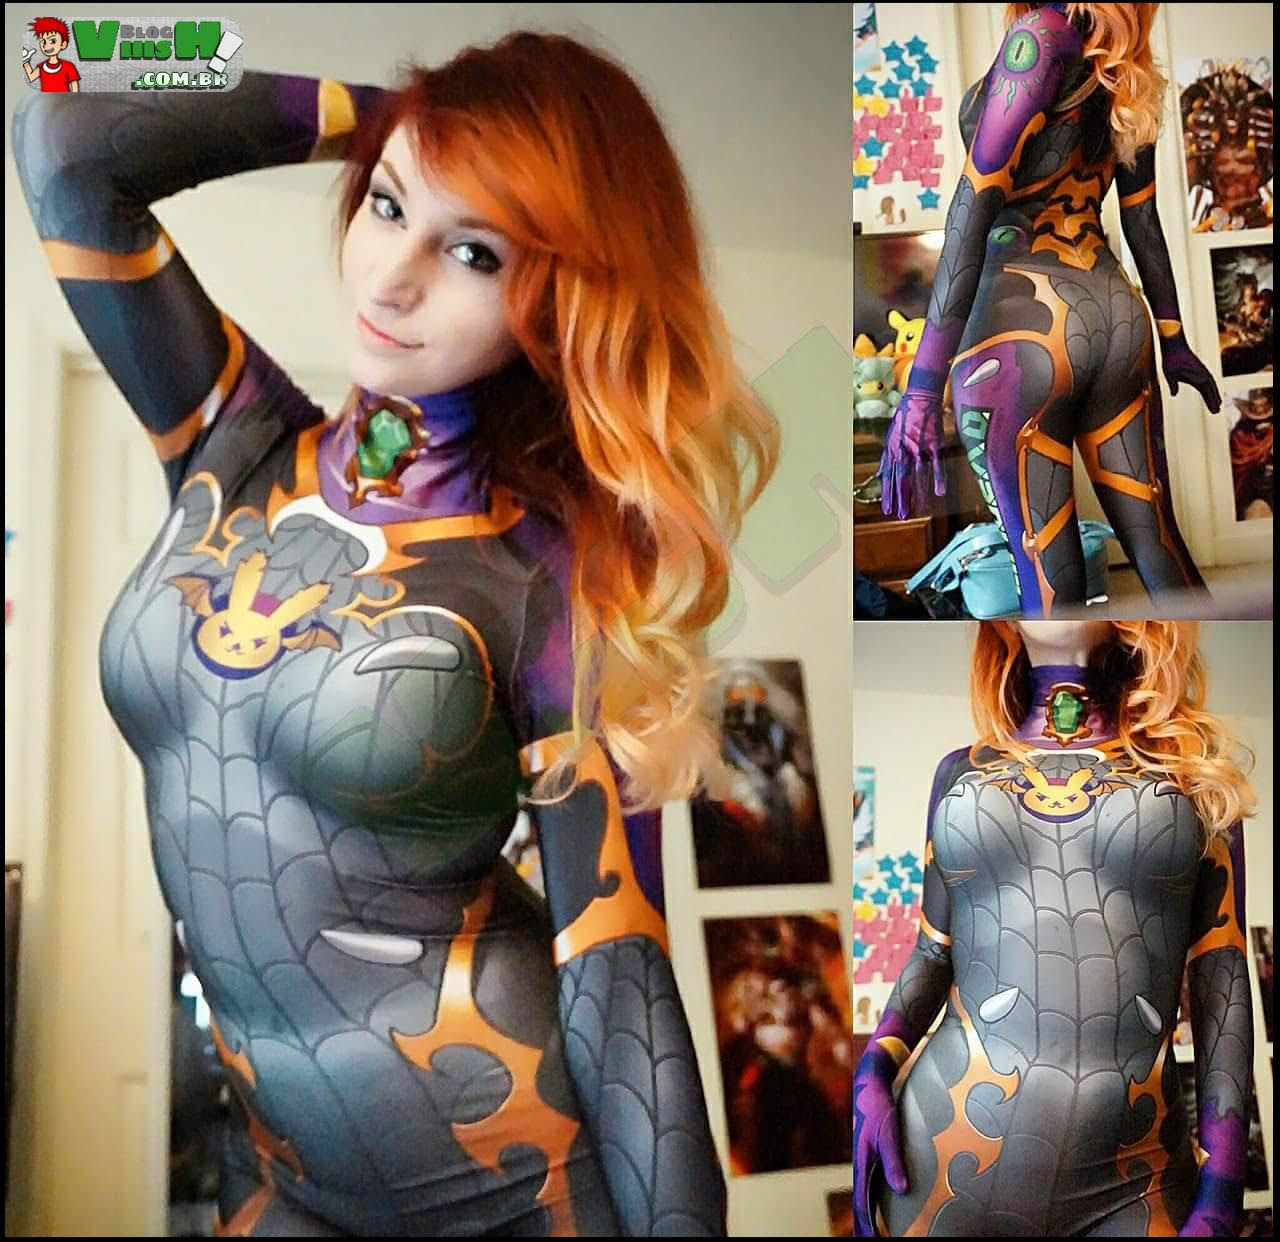 Blog Viiish - Nem sei se é um cosplay, mas é linda!